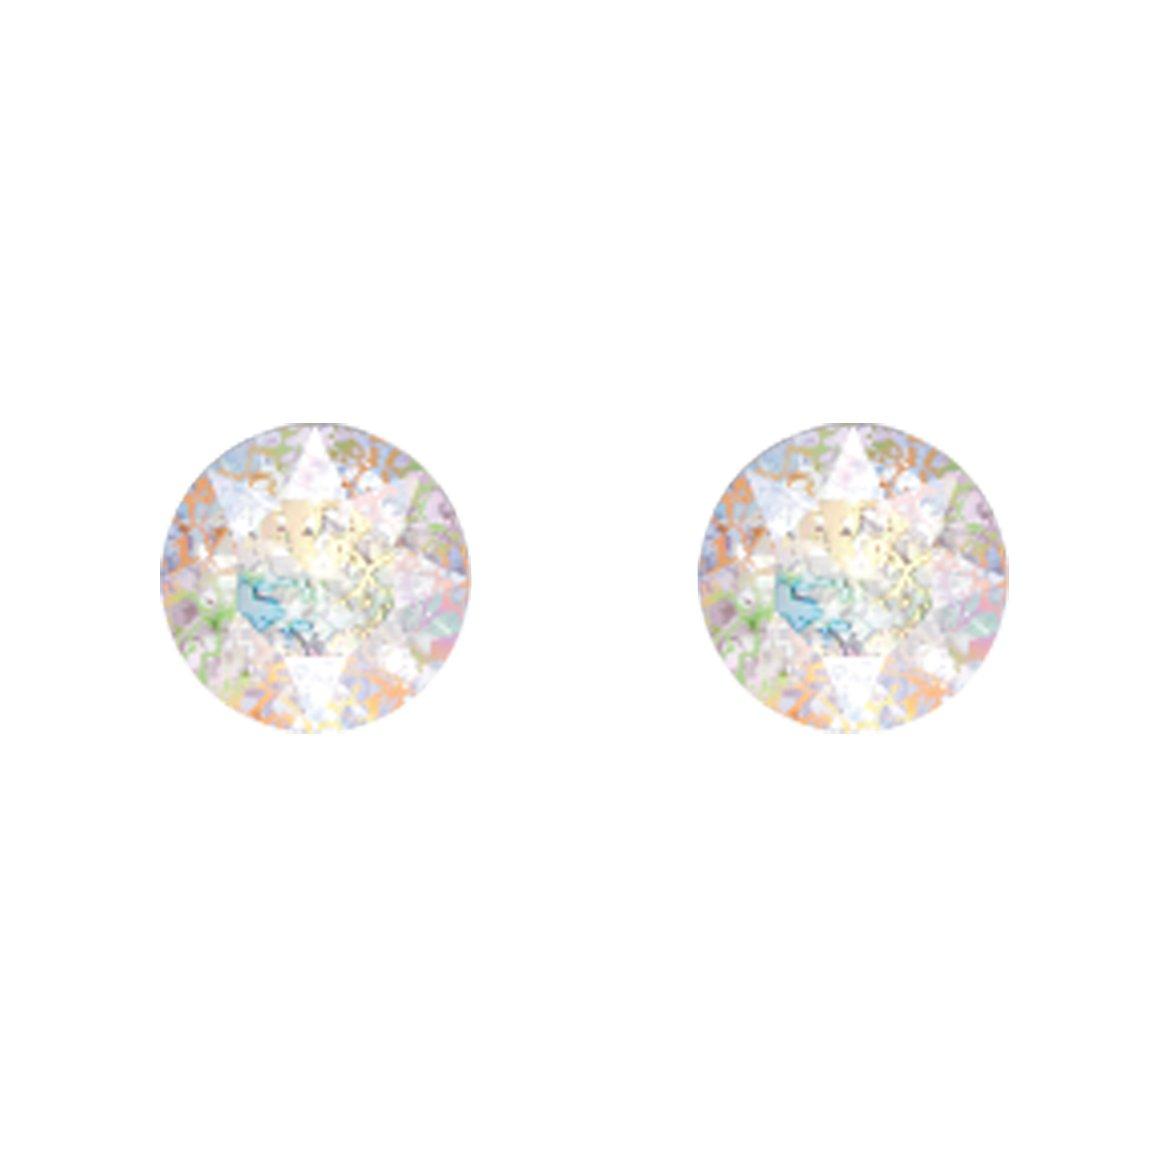 Boucles d'oreilles Indicolite Ronde en argent et cristaux Swarovski